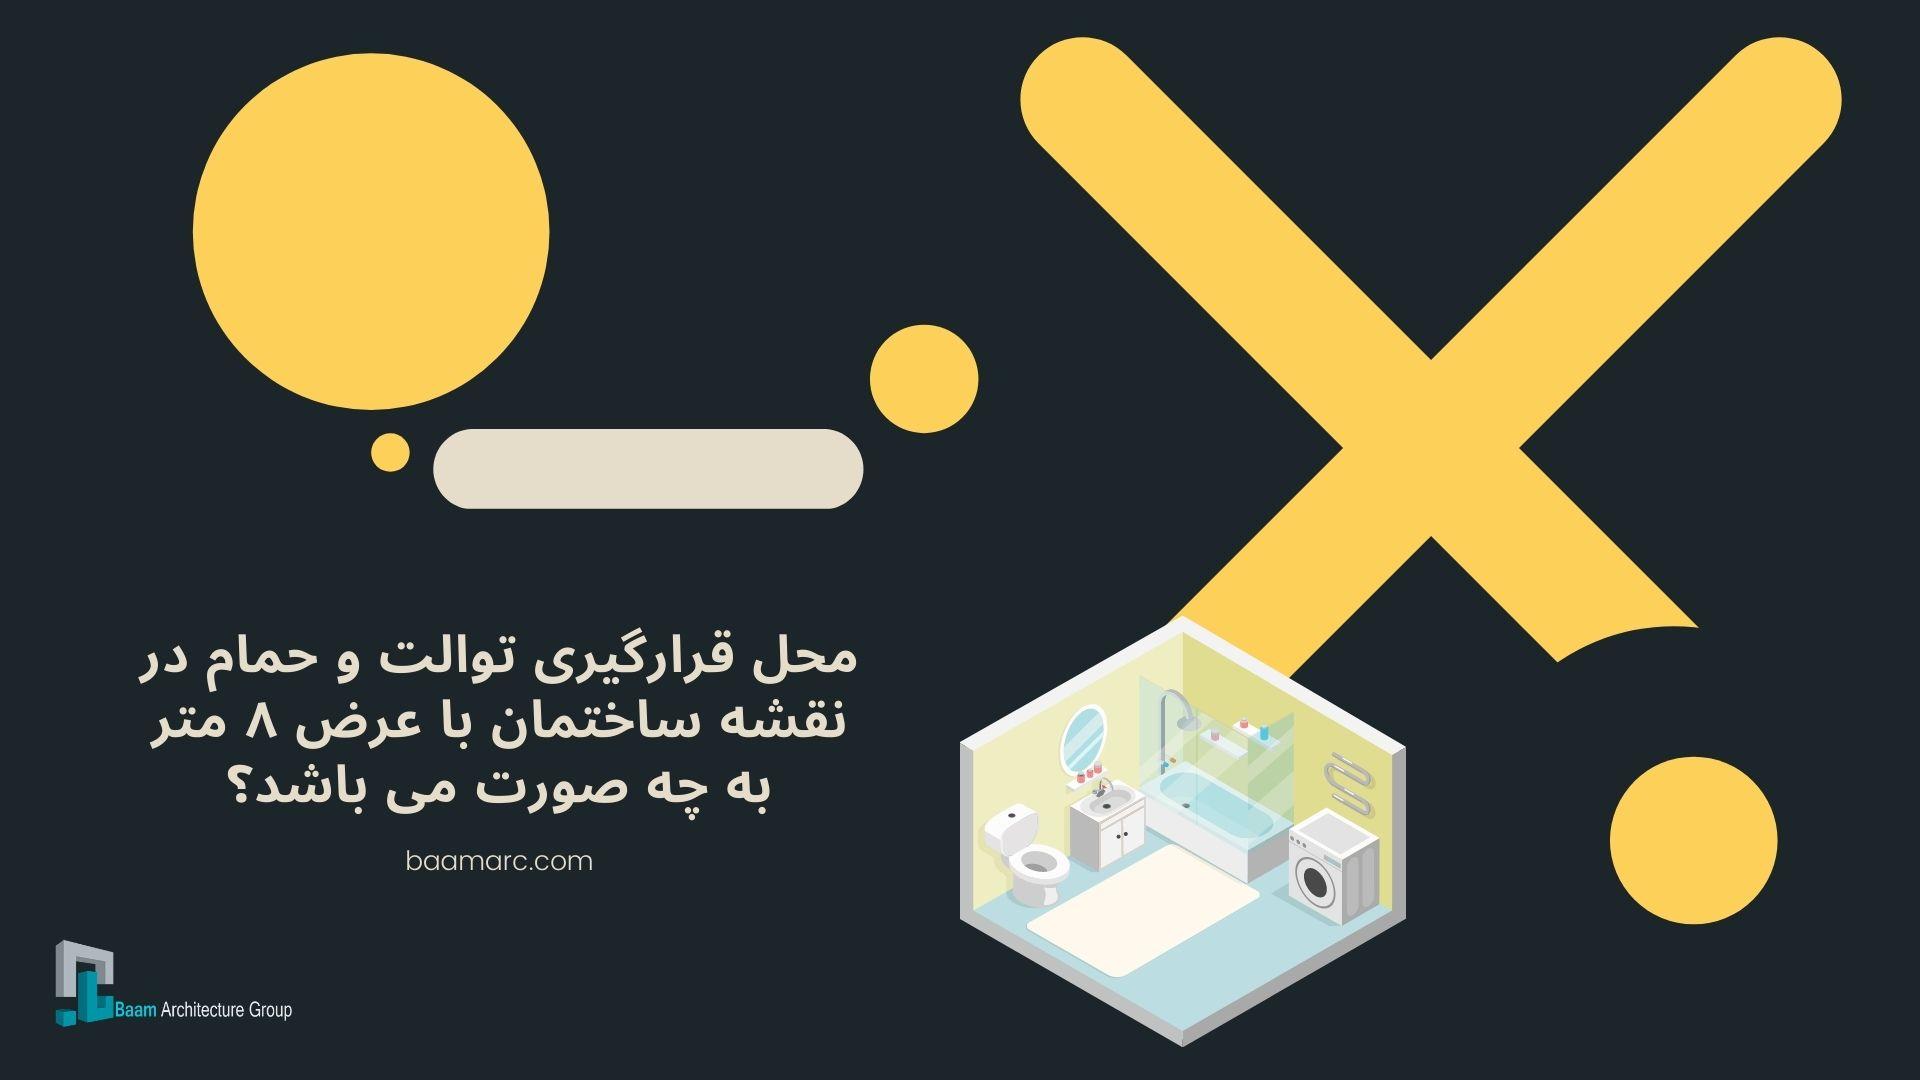 محل قرارگیری توالت و حمام در نقشه ساختمان با عرض ۸ متر به چه صورت می باشد؟